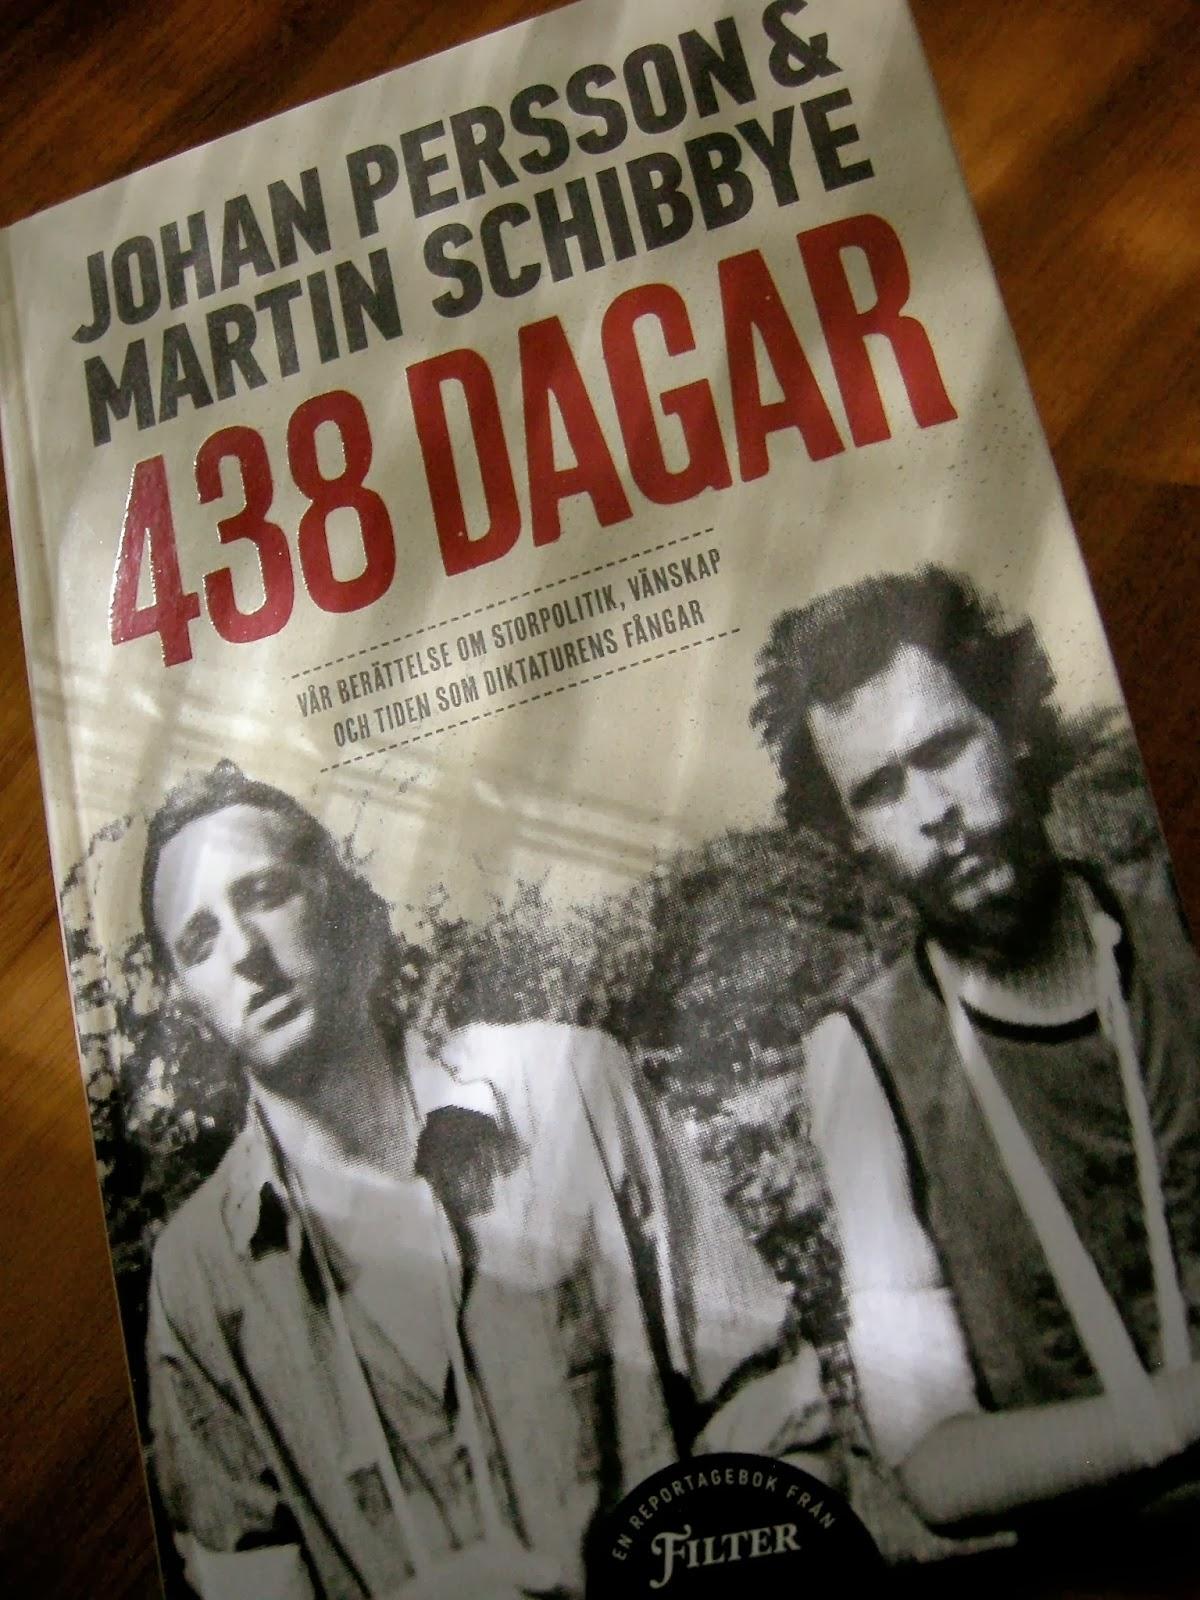 Schibbye boken ger mening at tiden i fangelset